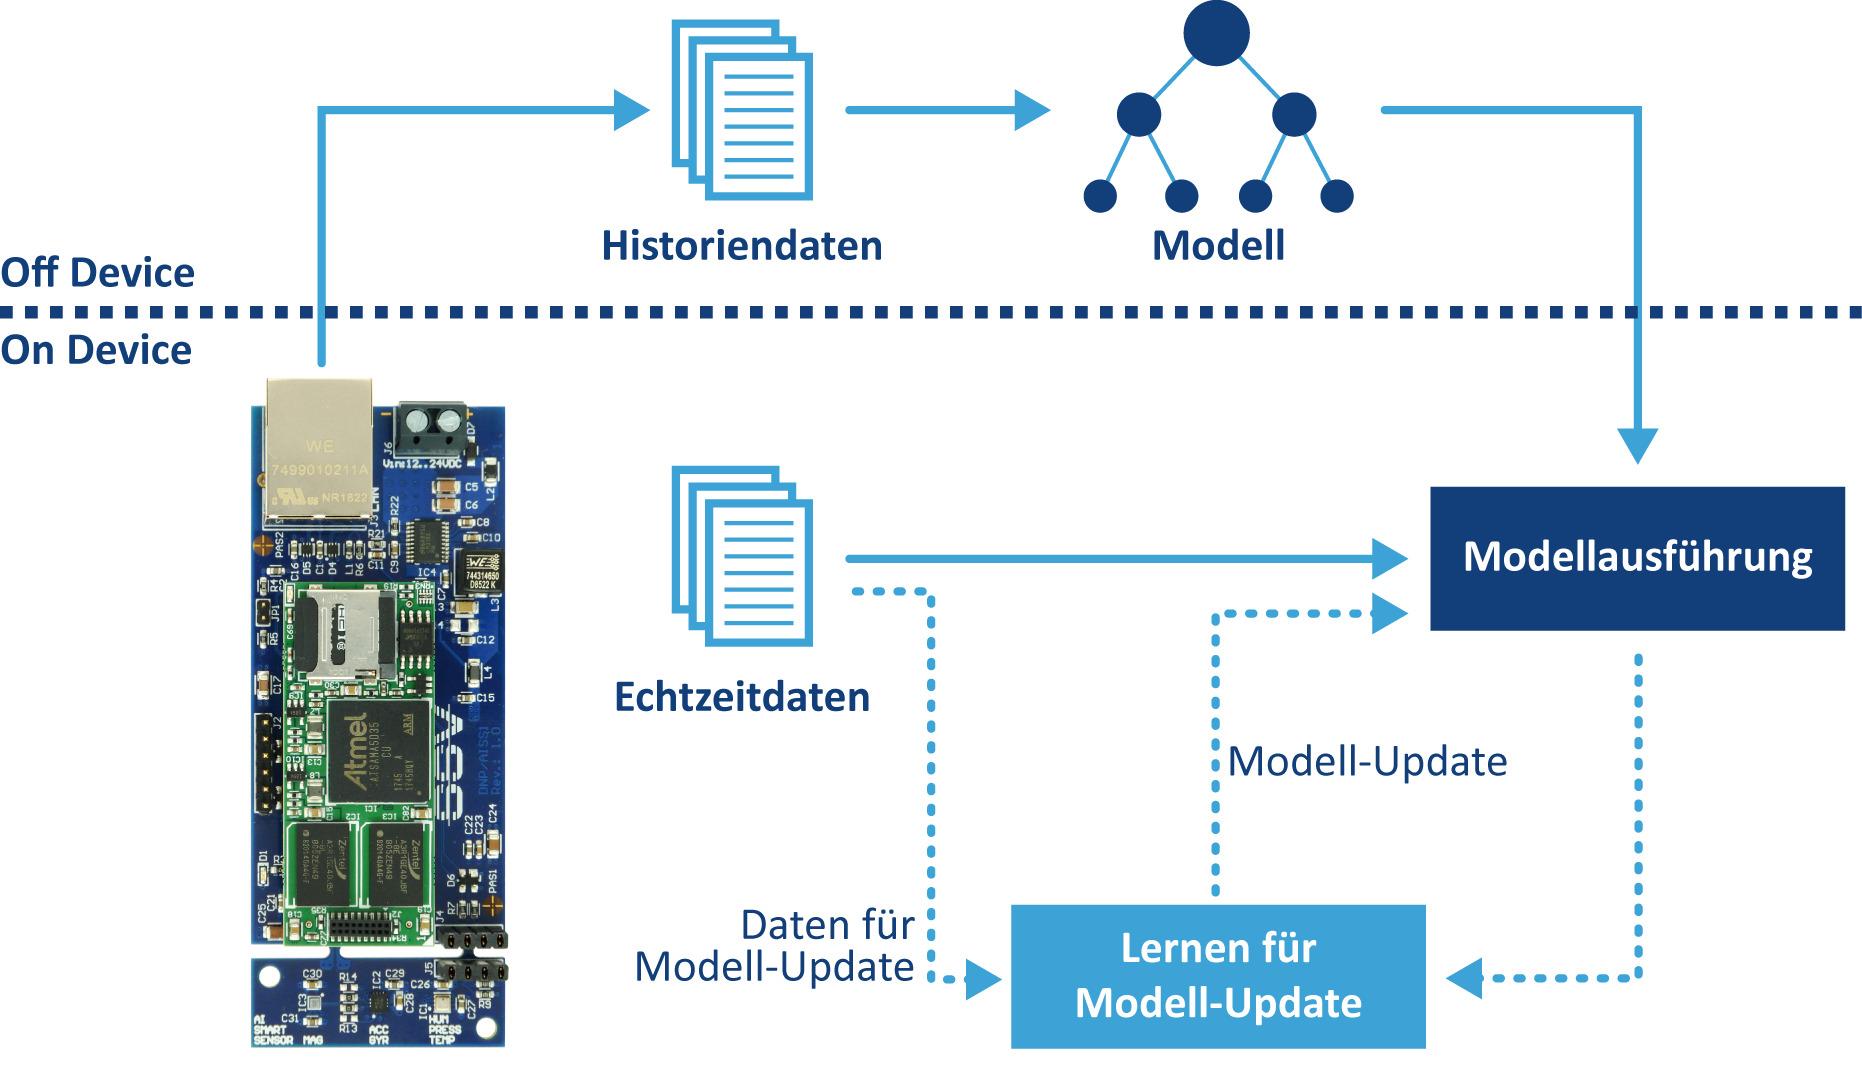 Der Einsatz von Machine-Learning-Algorithmen für eine Embedded-Systems-Anwendung in der Automatisierung besteht aus zwei Phasen. In einer Trainingsphase werden aus den zum Embedded-System gehörenden Sensoren zunächst Historiendaten erzeugt, die anschließend zur Modellbildung genutzt werden. (Bild: SSV Software Systems GmbH)